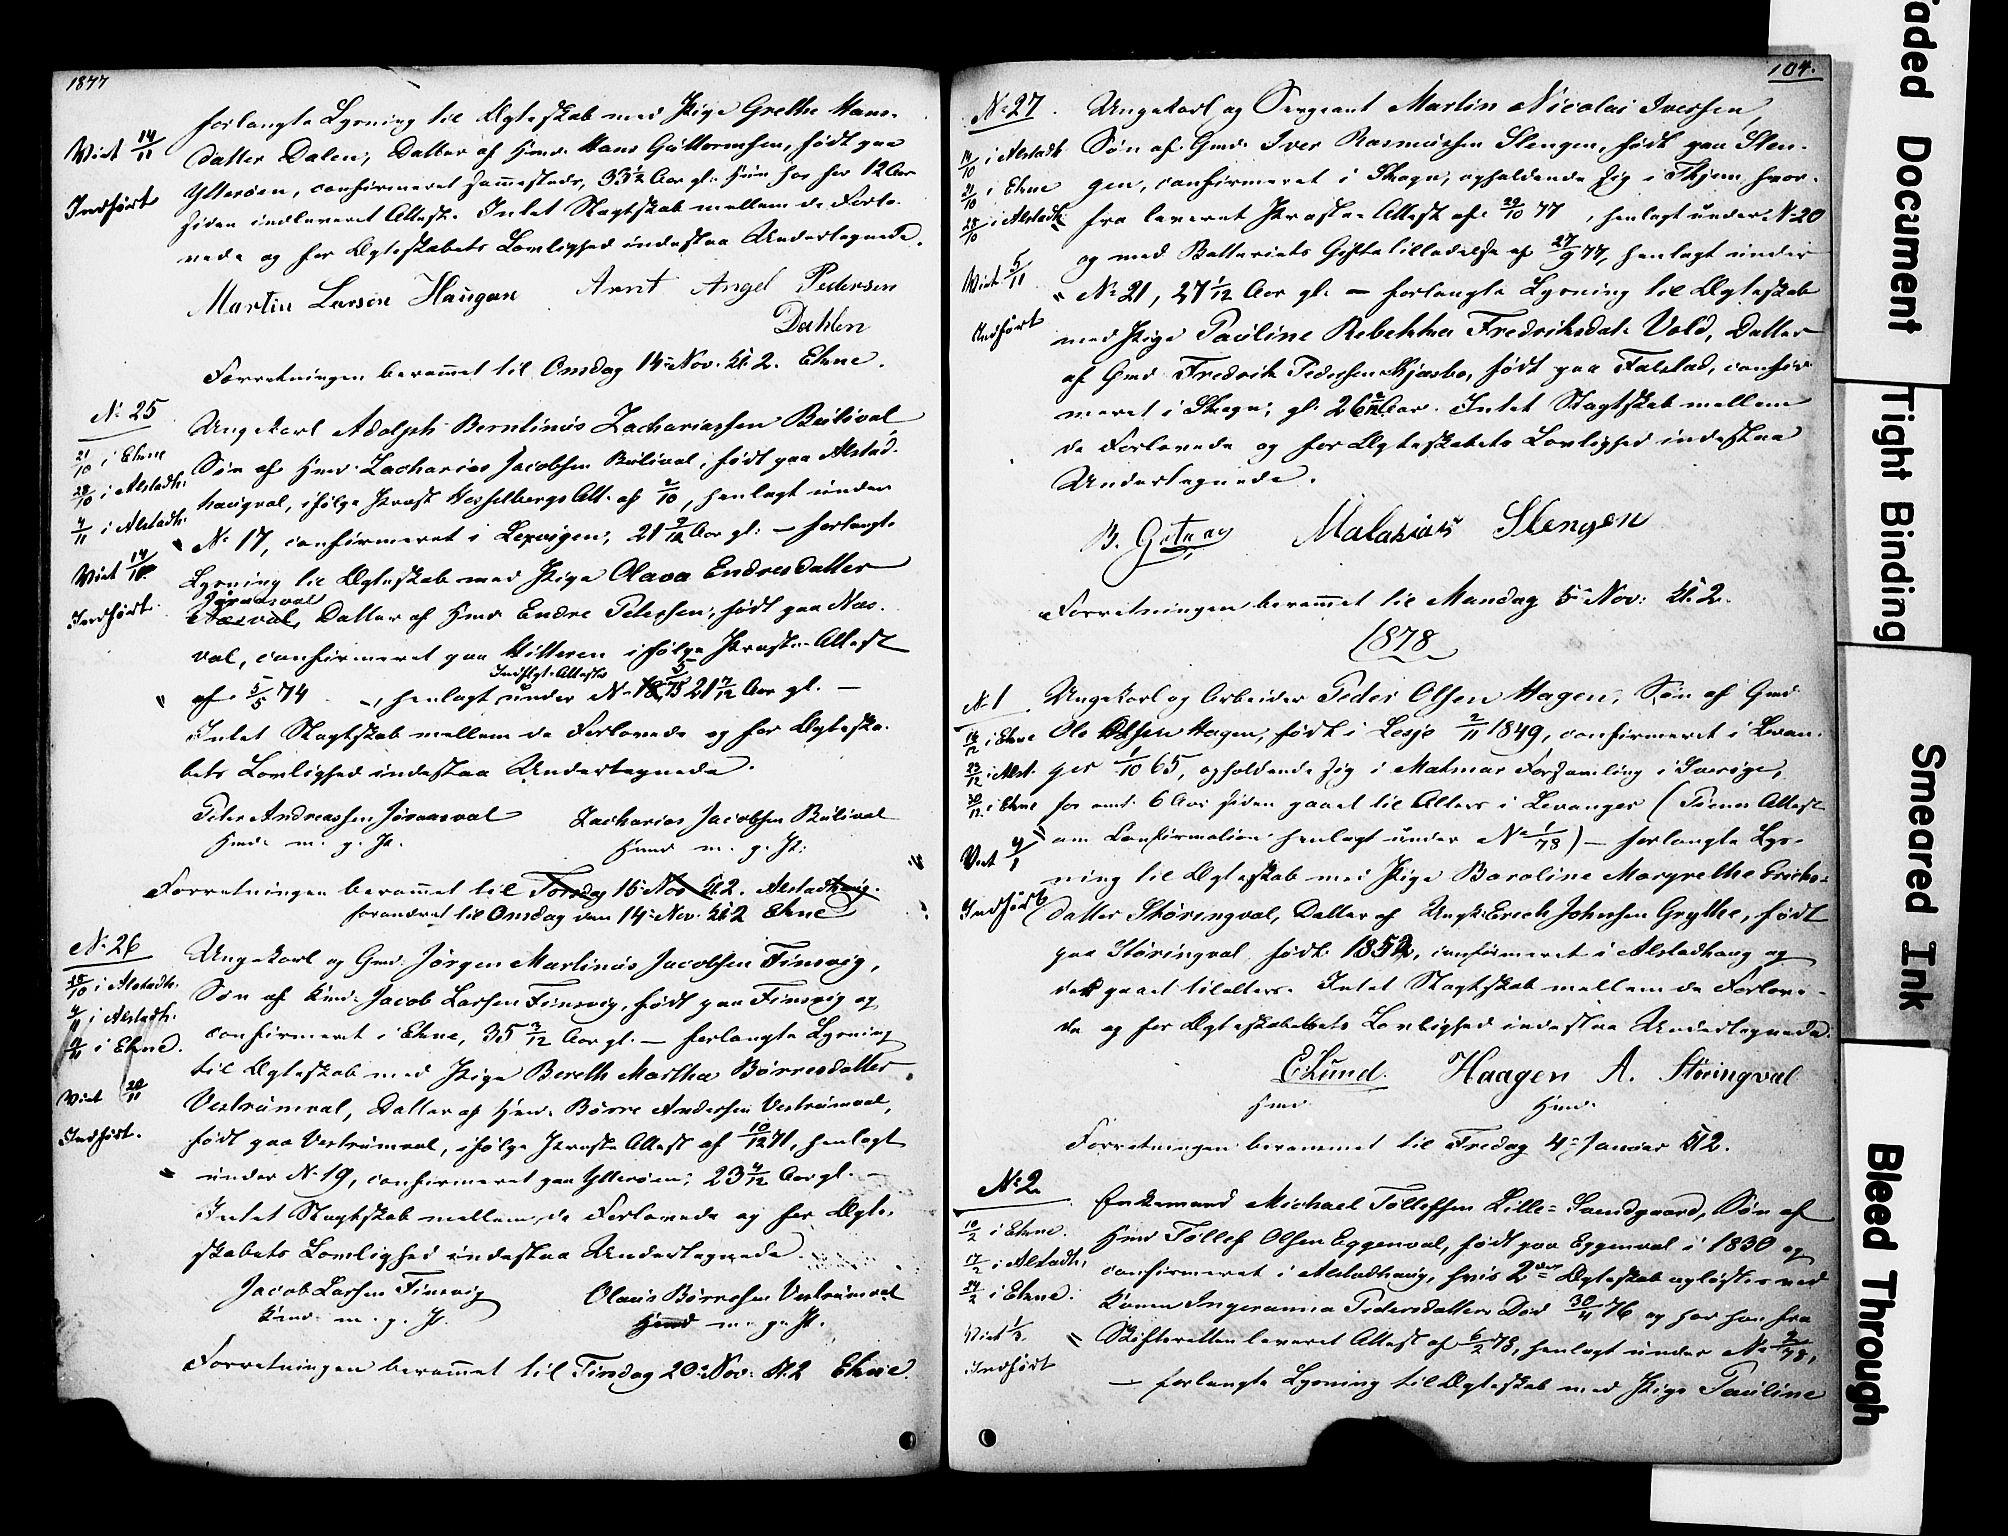 SAT, Ministerialprotokoller, klokkerbøker og fødselsregistre - Nord-Trøndelag, 717/L0161: Forlovererklæringer nr. 717A11, 1850-1895, s. 104